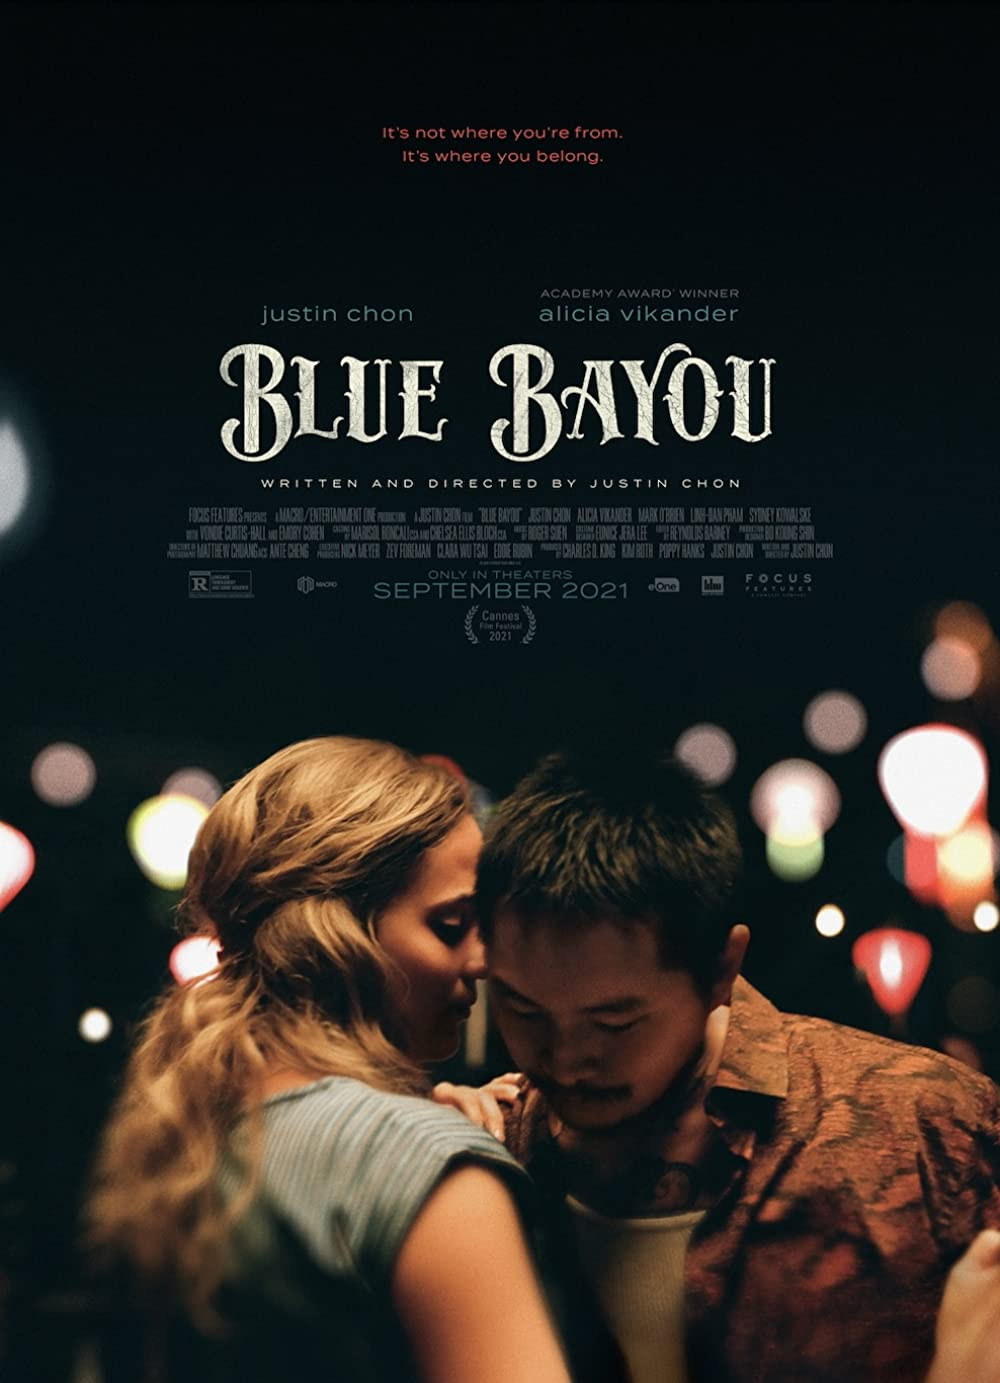 BLUE BAYOU 😊